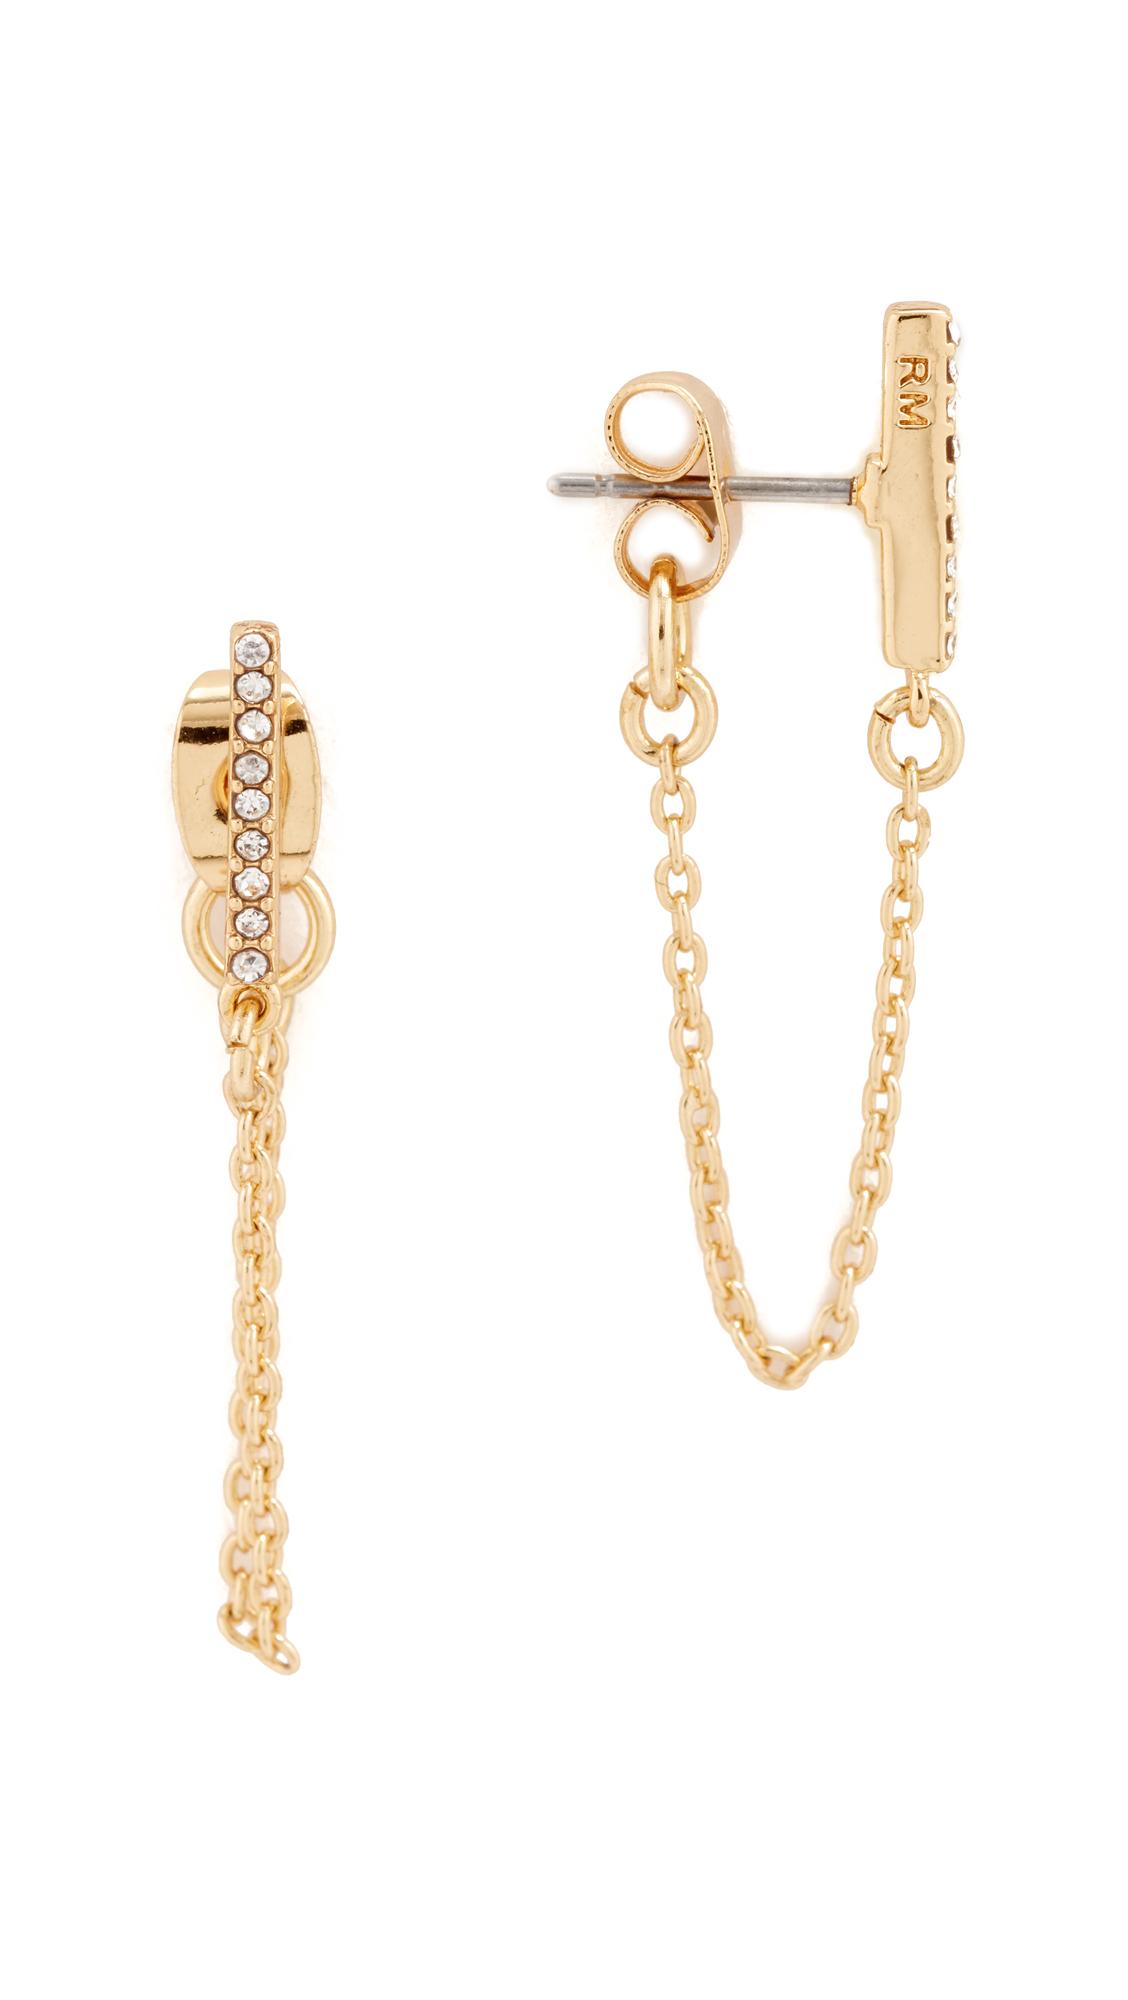 Rebecca Minkoff Pave Bar Chain Earrings